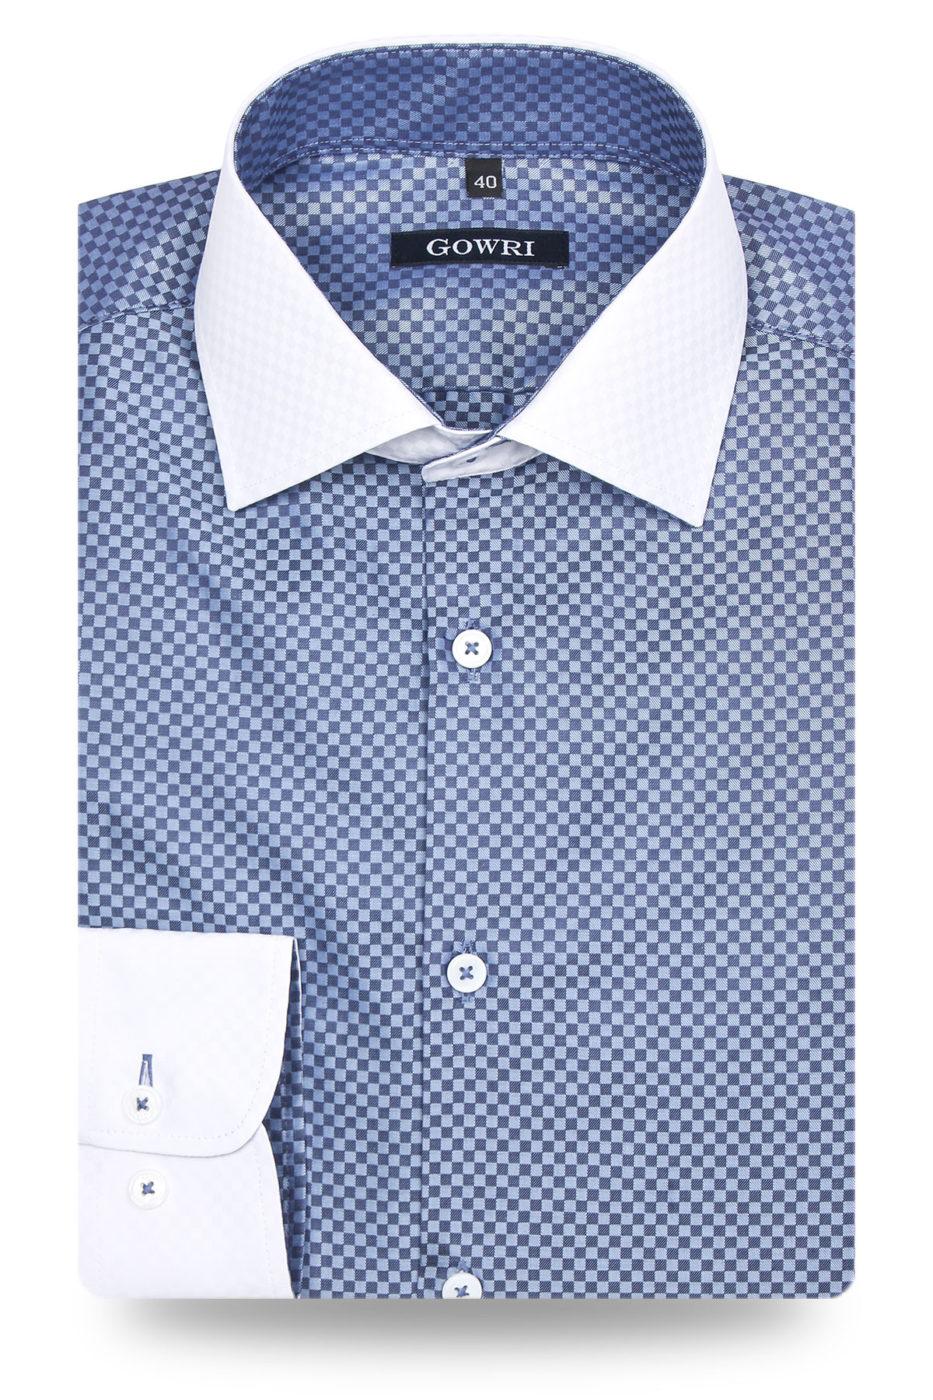 henry-sinine-ruuduline-triiksärk